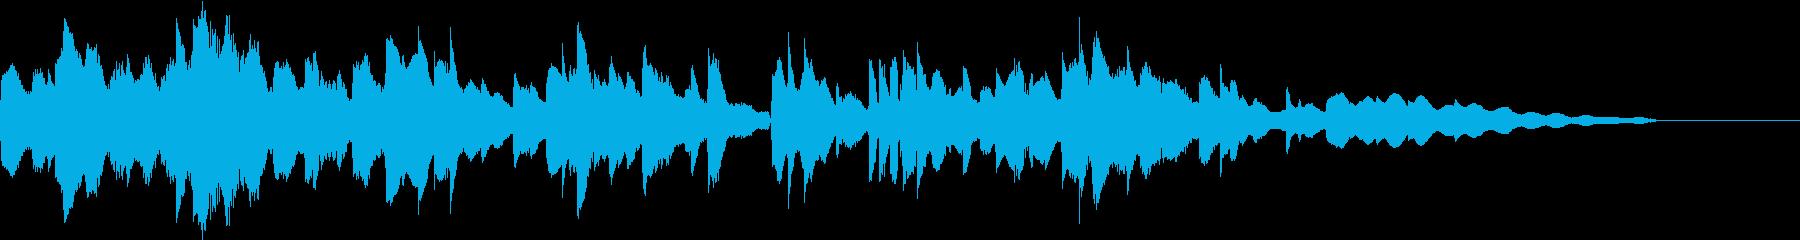 物語のエンディングに優しい音色のエレピ曲の再生済みの波形